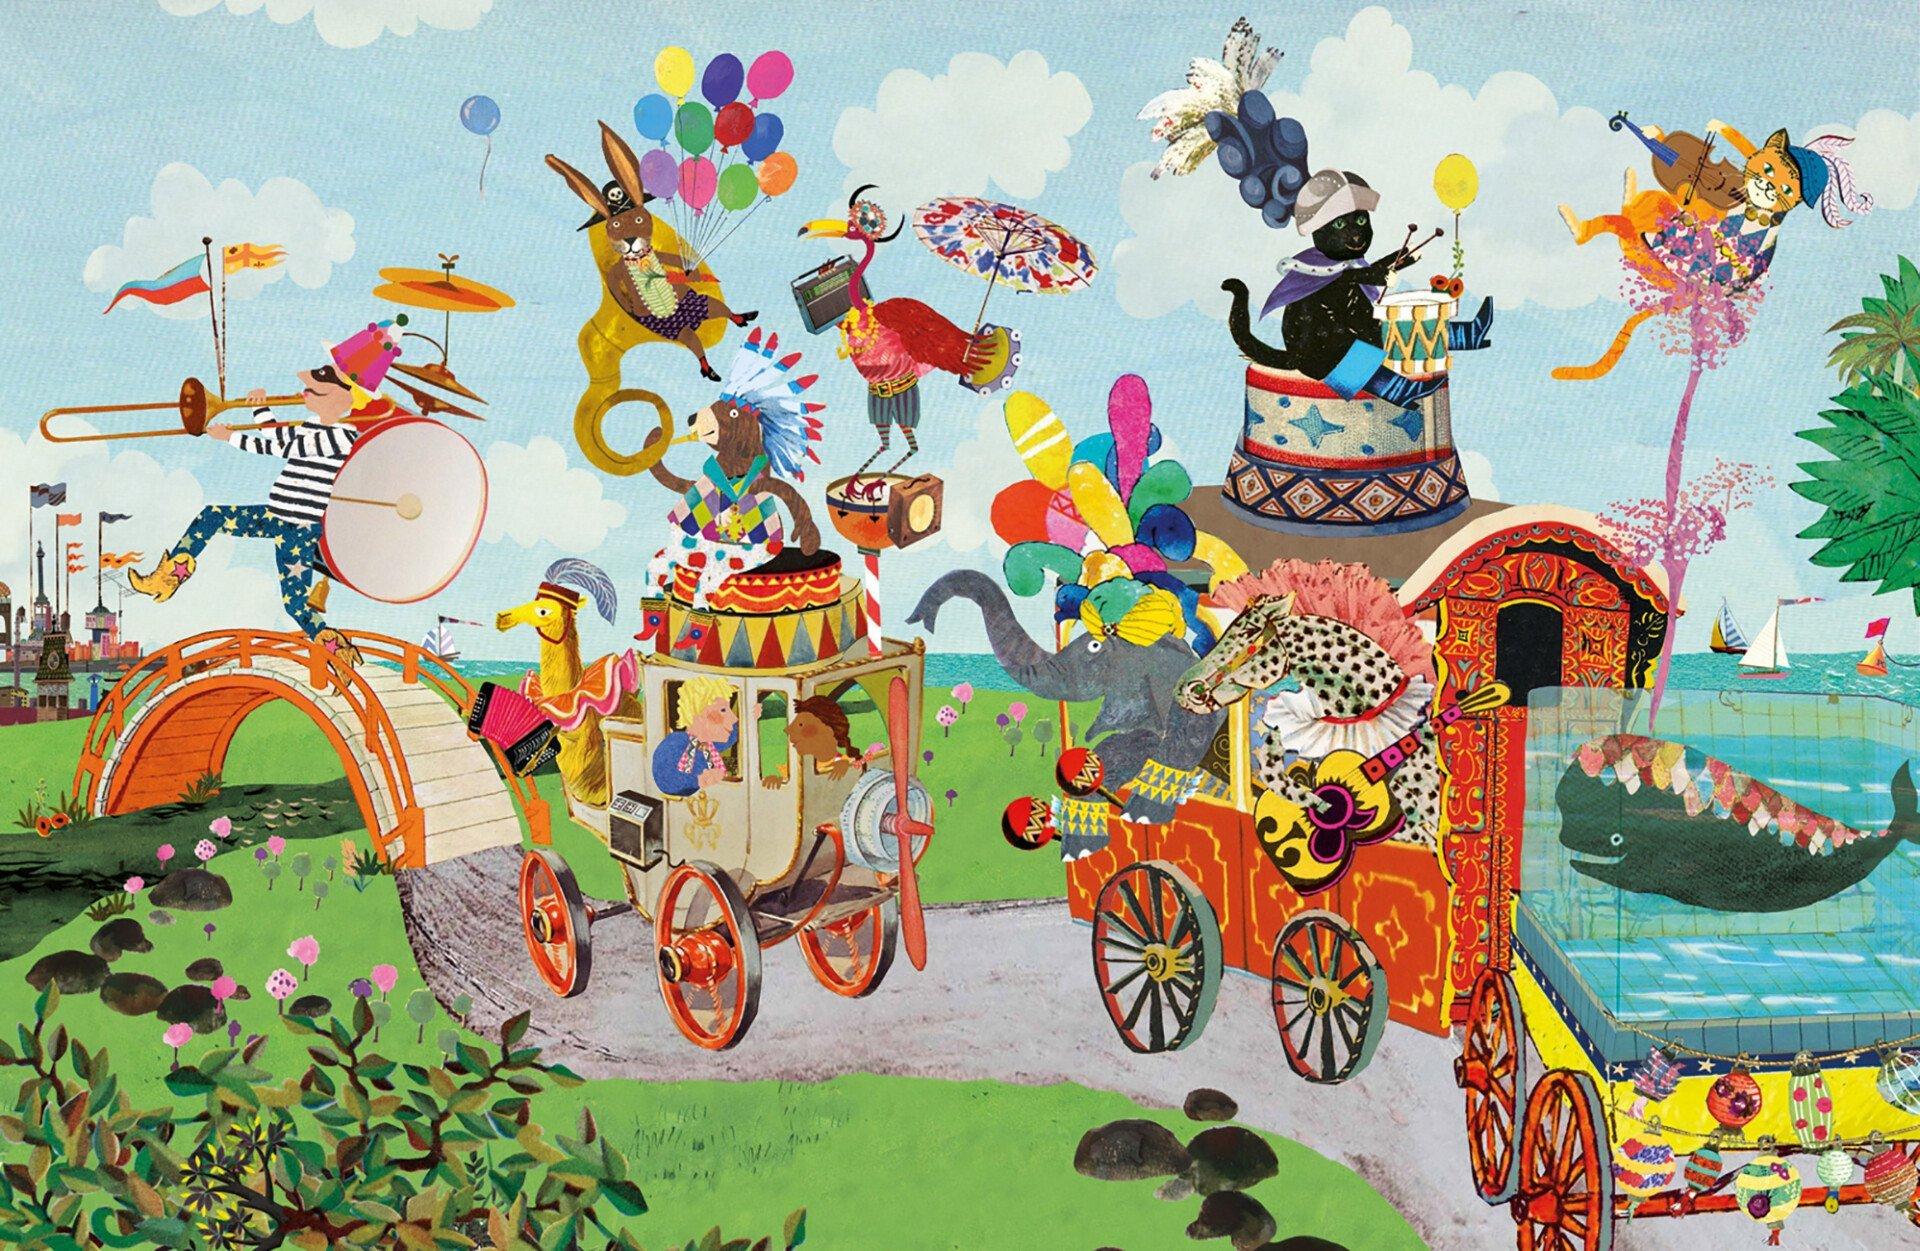 Collage illustratie illustration collegeart rotterdam redactioneel helder ervaren illustrator professioneel eigen stijl eigenstijl vrolijk eigentijds hip vintage nostalgisch kleurrijk kinderboek prentenboek kijkboek zoekboek beer teddybeer dieren dief jongen meisje circus kleurrijk nostalgisch doodgewone dag dierendief dieren flamingo beer kinderboek zoekboek kijkboek